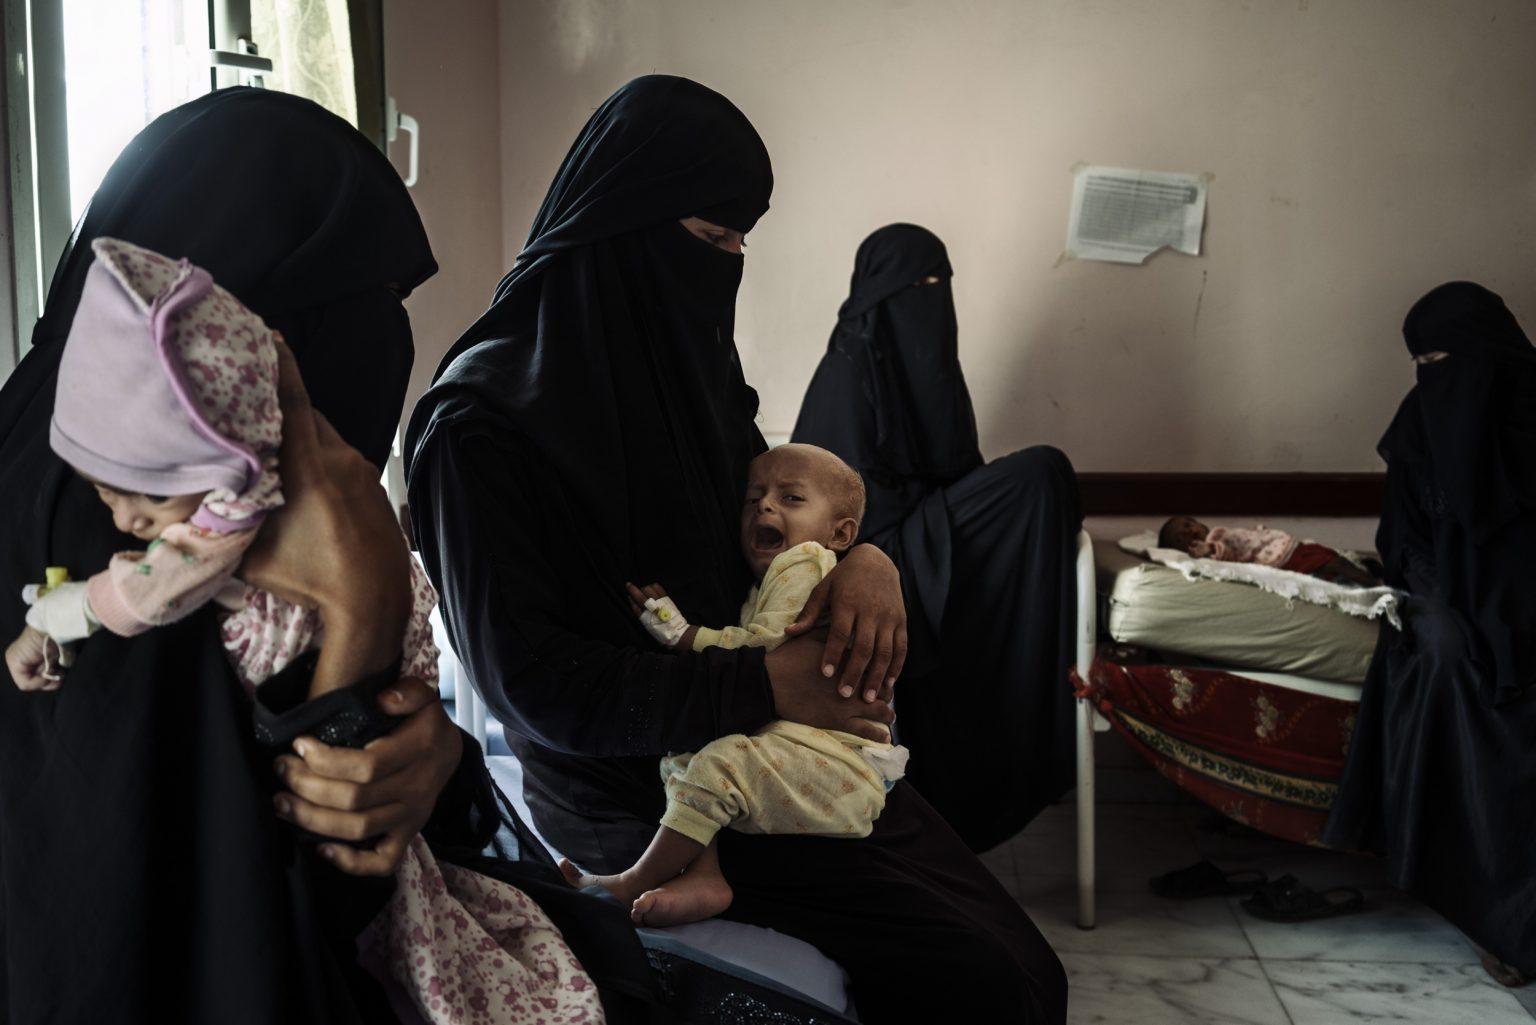 *** SPECIAL   FEE   APPLIES ***Aslam, Yemen, December 8th, 2018 - The clinic in Aslam is overcrowded with malnourished children. Mothers and children share beds, and, sometimes mattresses are added to the floor to accomodate all the patients. >< Aslam, Yemen, 8 dicembre 2018 - La clinica di Aslam è sovraffollata di bambini malnutriti. Madri e figli condividono il letto e, a volte, dei materassi vengono aggiunti sul pavimento per accogliere tutti i pazienti.